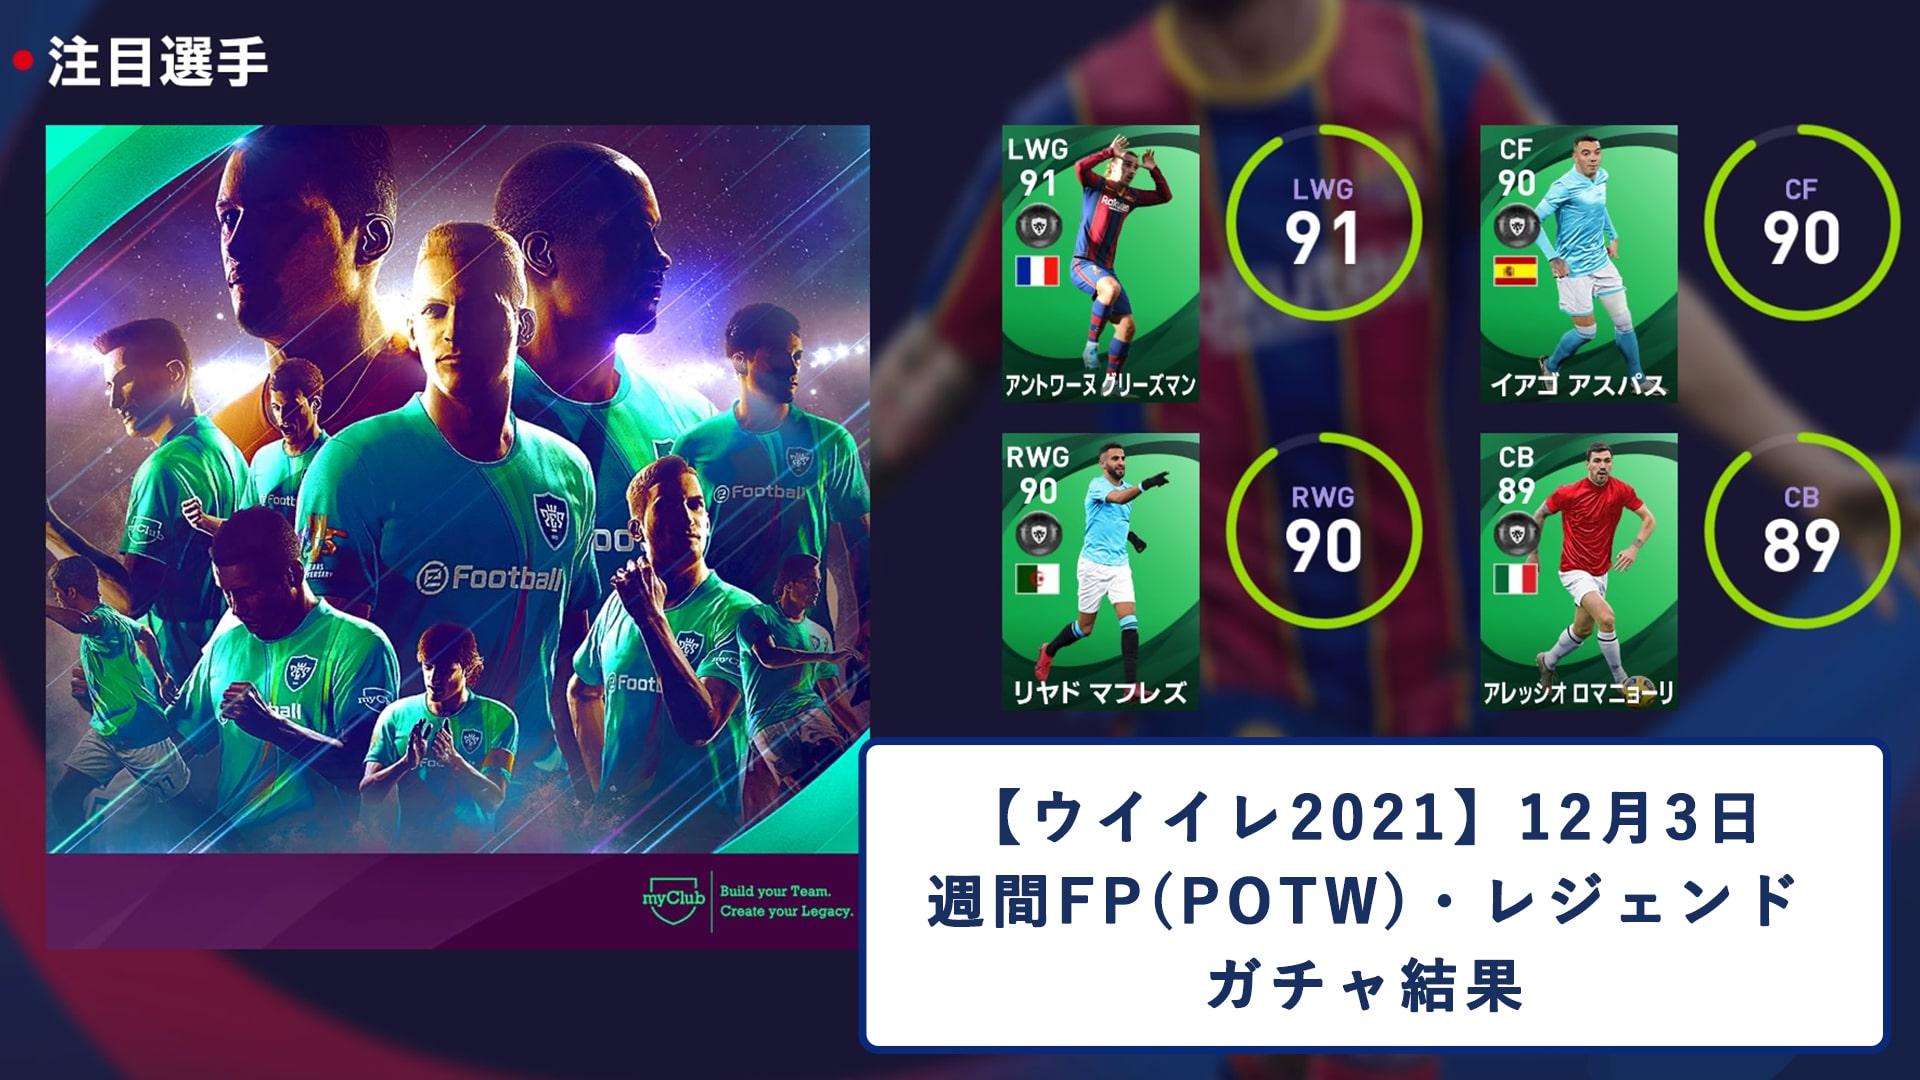 【ウイイレ2021】12/3 週間FP(POTW)ガチャ・無料レジェンドガチャ結果